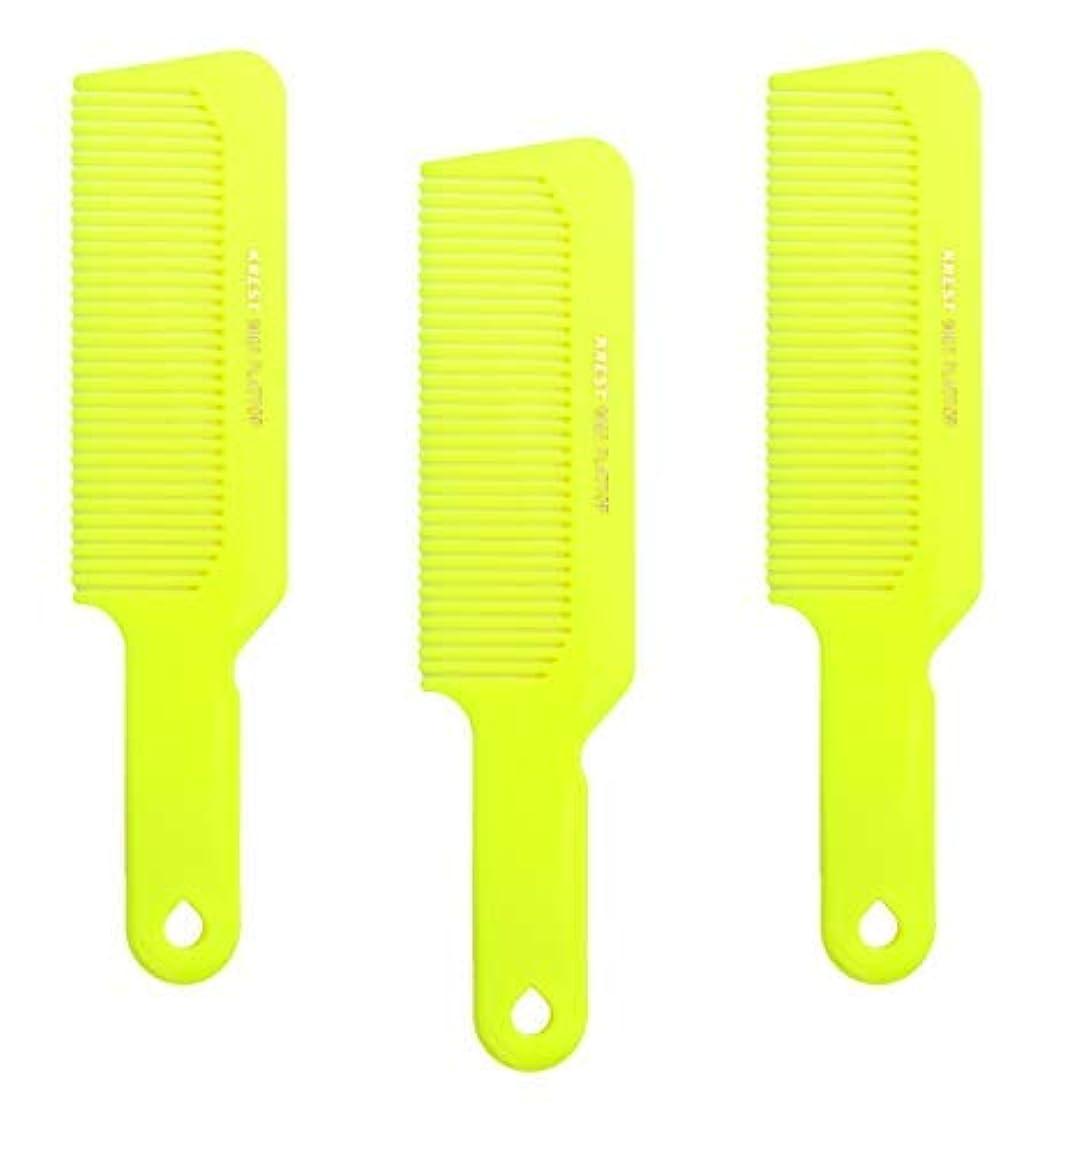 札入れターゲット頼るHair Comb 8-3/4 Flattop Hair Cutting Comb. Barbers Hairdresser Comb. Model 9001. 3 Combs (Neon Yellow) [並行輸入品]